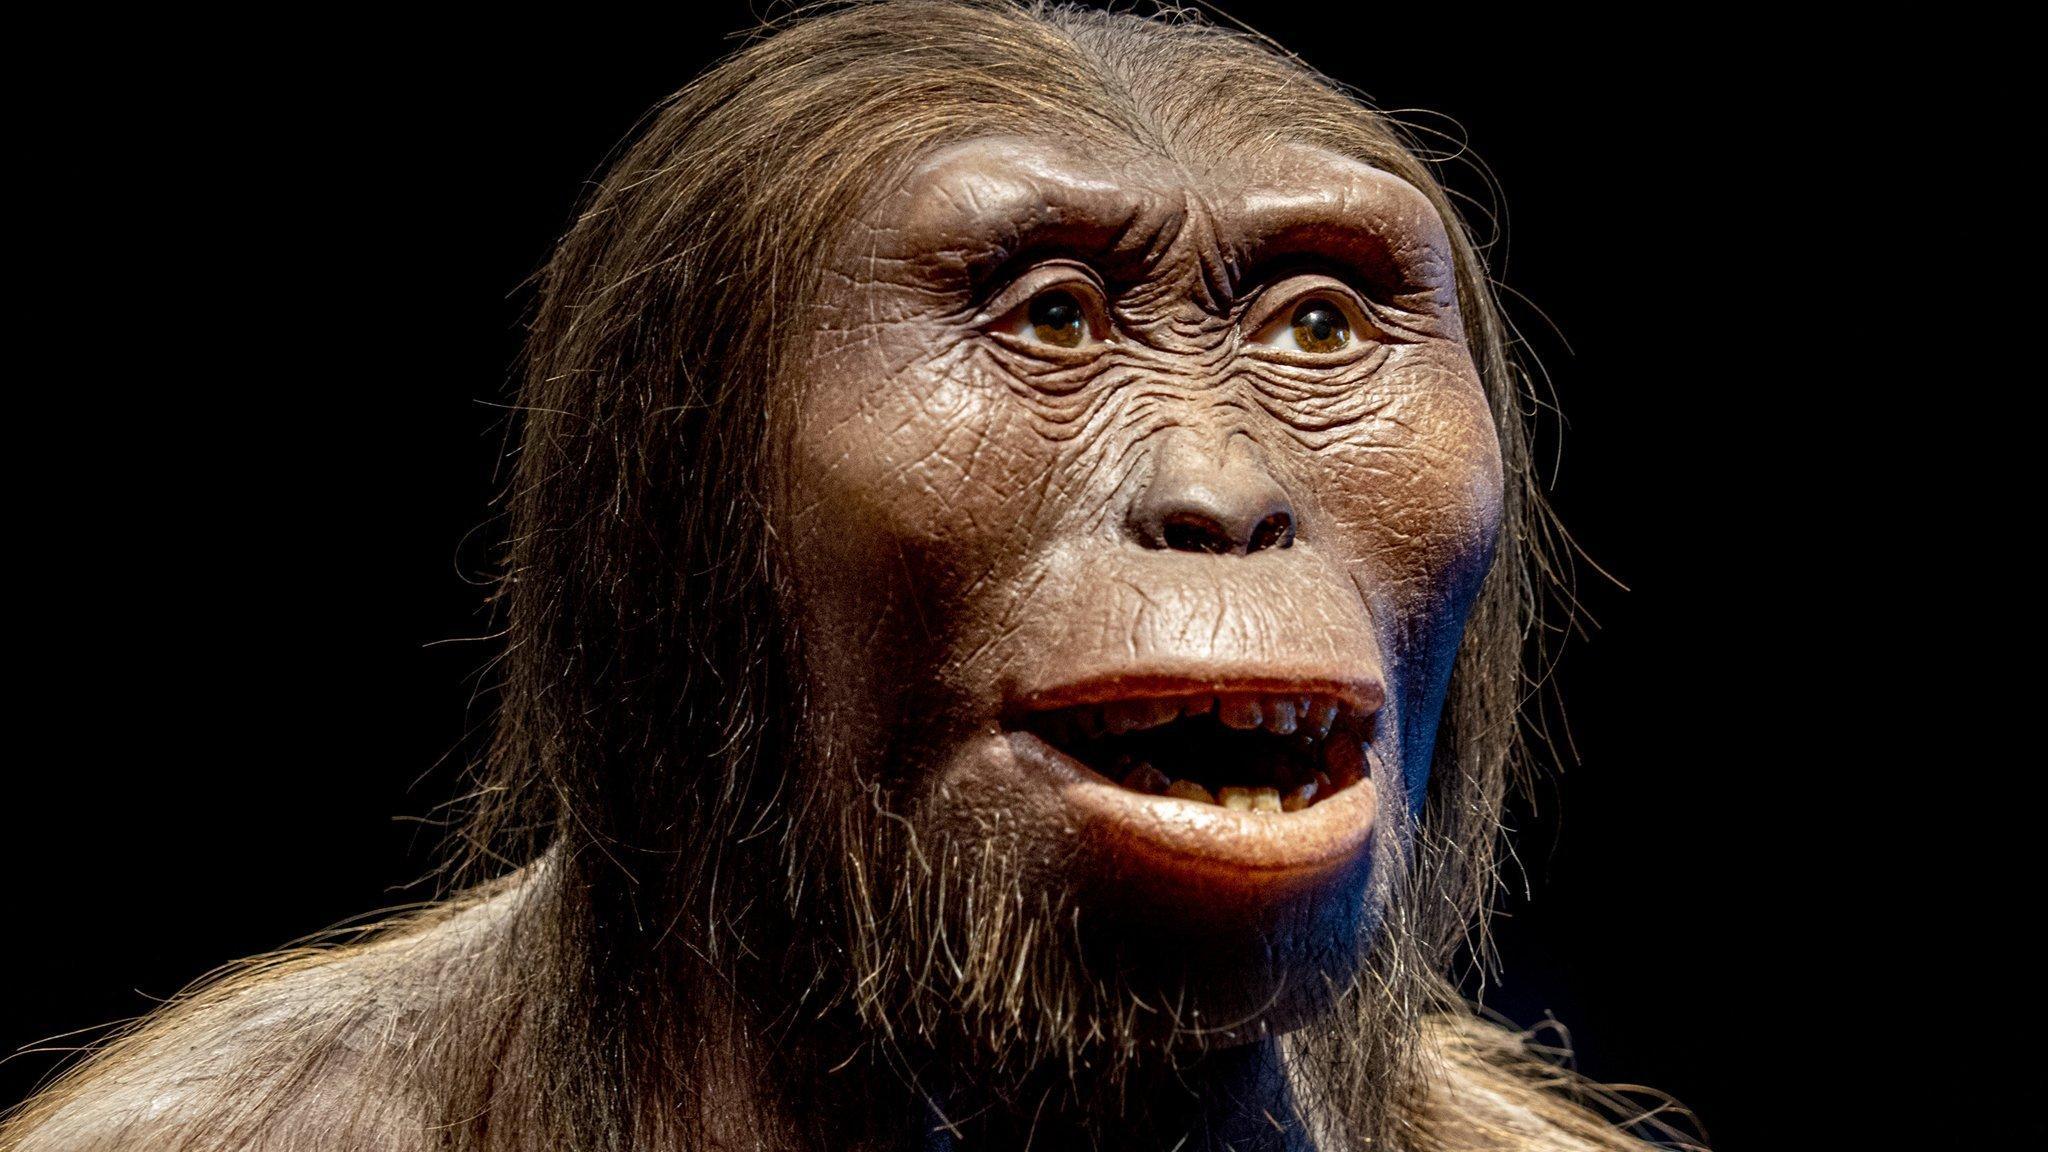 Gezeigt wird die Plastik eines Kopfes mit dunkler Hautfarbe, einer platten Nase, breiten, hervortretenden Wangenknochen, dicken Wülsten über den braunen Augen und weiten Lippen. Das Gesicht ähnelt einer Mischung zwischen Schimpanse und Mensch. Die glatten; schwarzen Haare gehen vom Scheitel zur Seite des Kopfes weg, unter dem Kinn ist langer Bartwuchs zu erkennen.